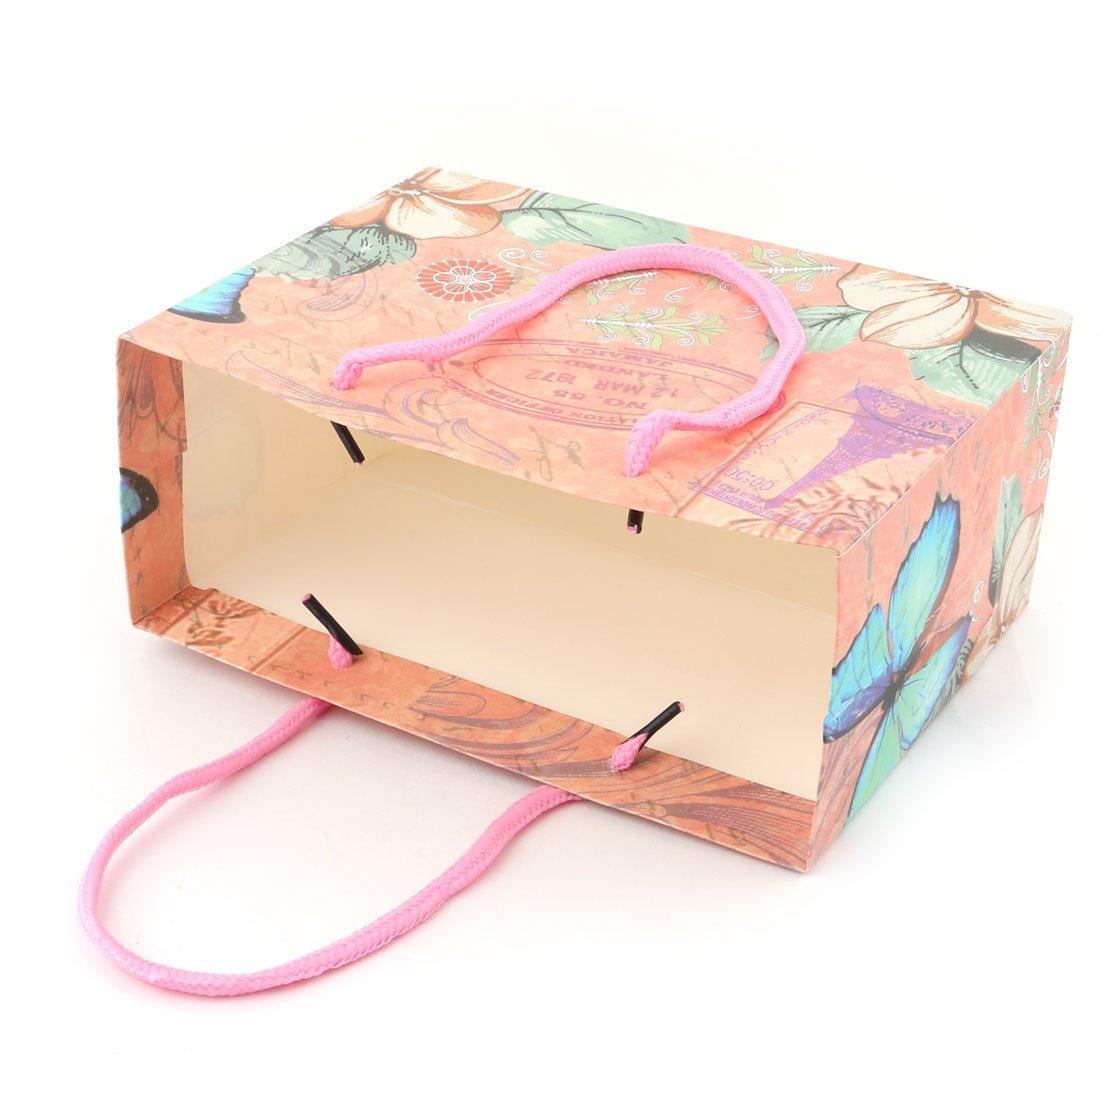 Amazon.com: eDealMax Almacenamiento Regalo Patrón Flor de la boda de Papel de vacaciones de cumpleaños Bolsa de Titular 4 PC Color clasificado: Home & ...